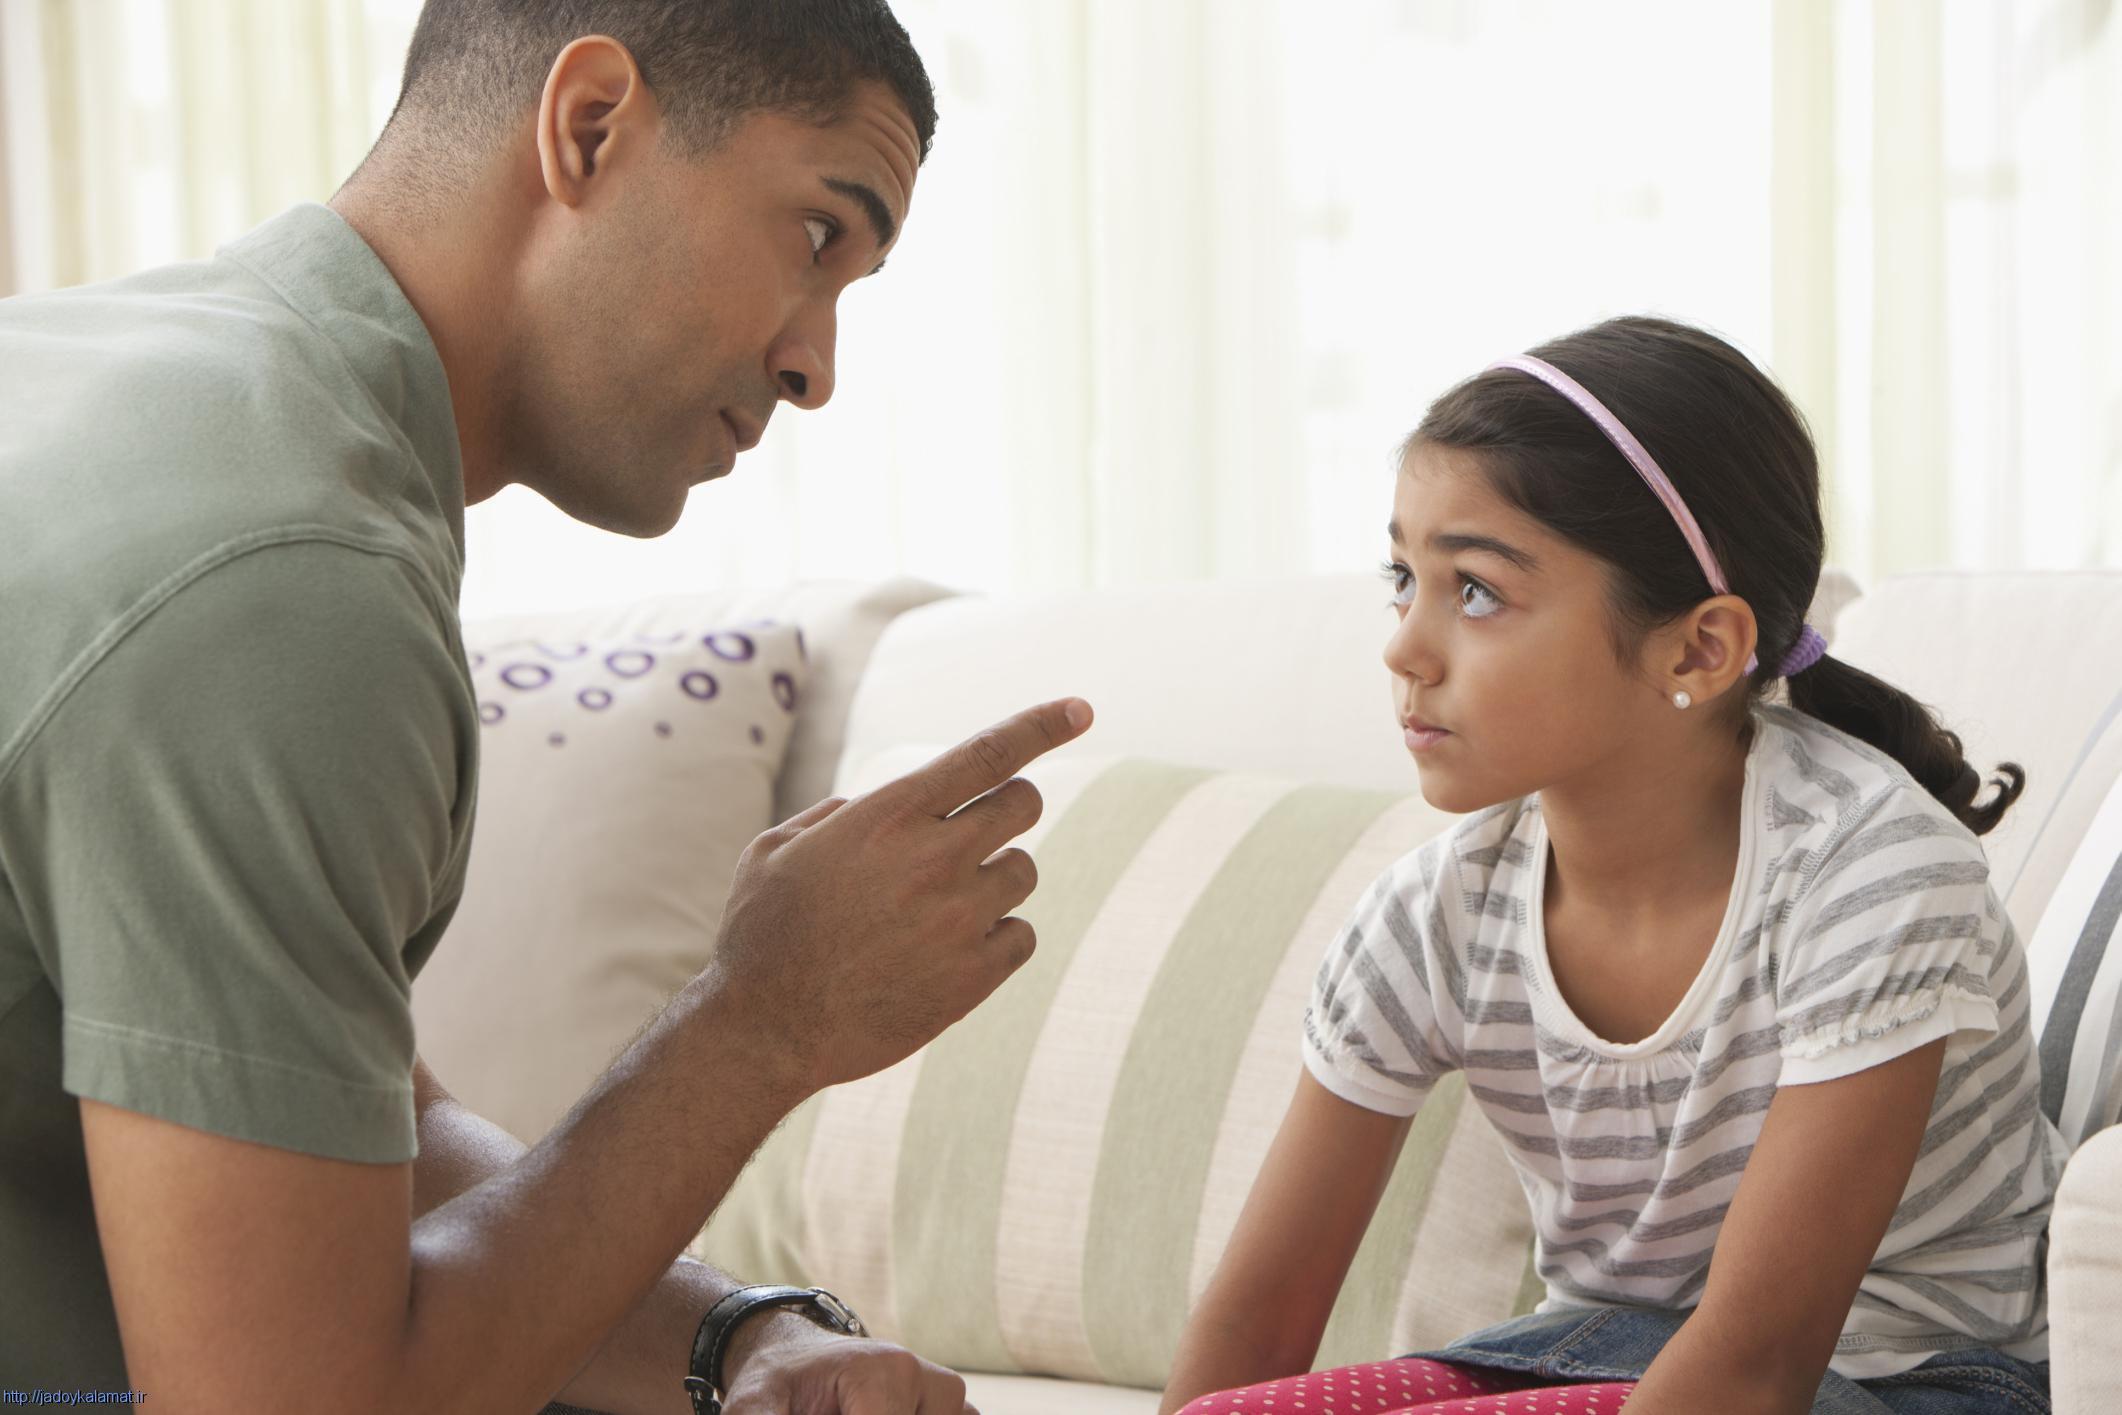 مواردی که فرزندان به والدین نمی گویند